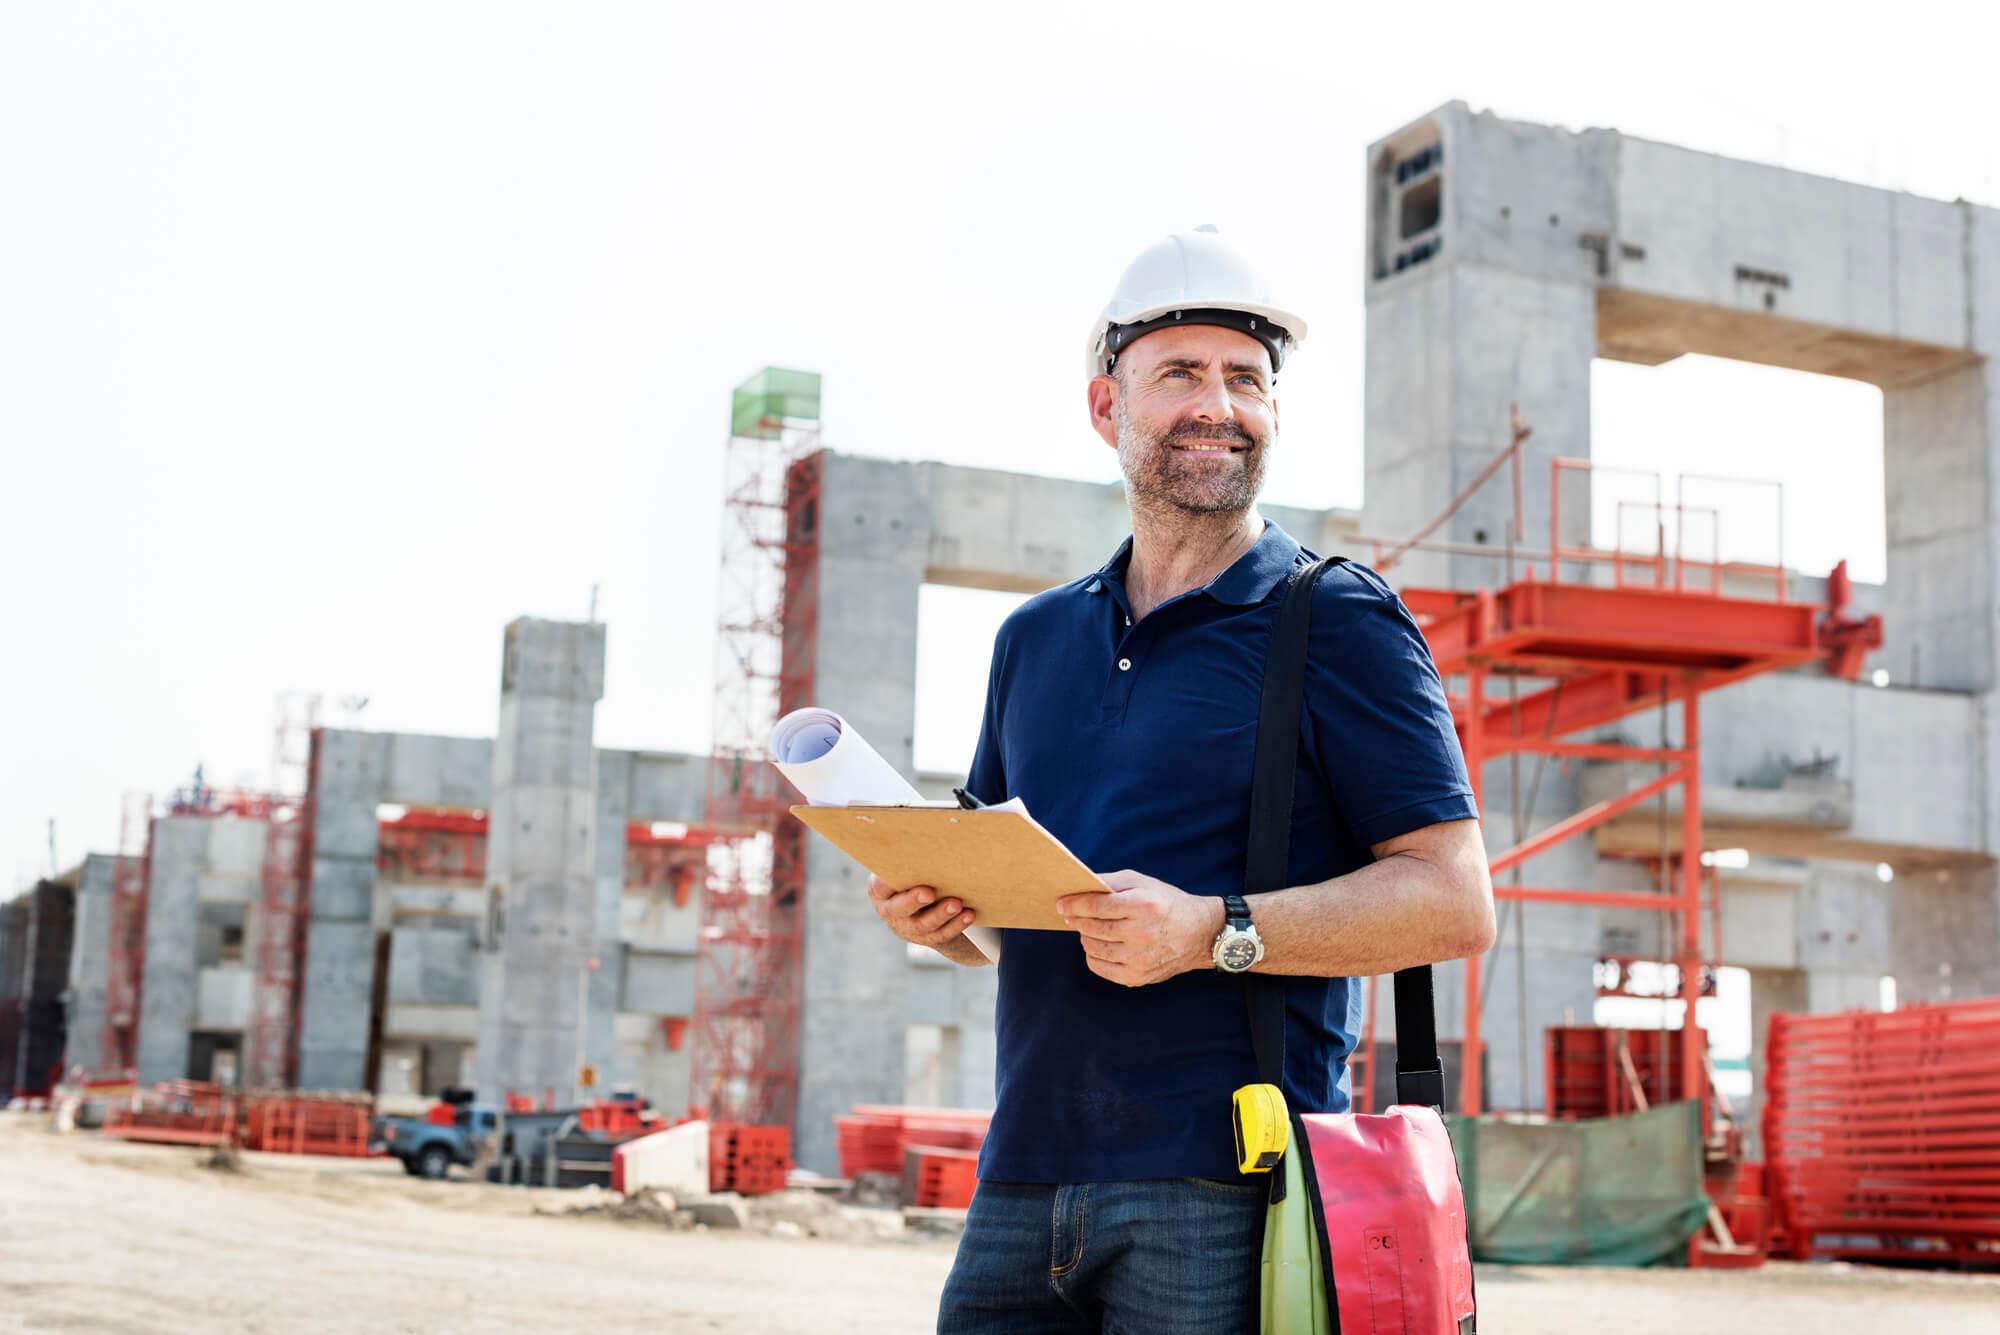 como encontrar fornecedor de produtos de construção civil